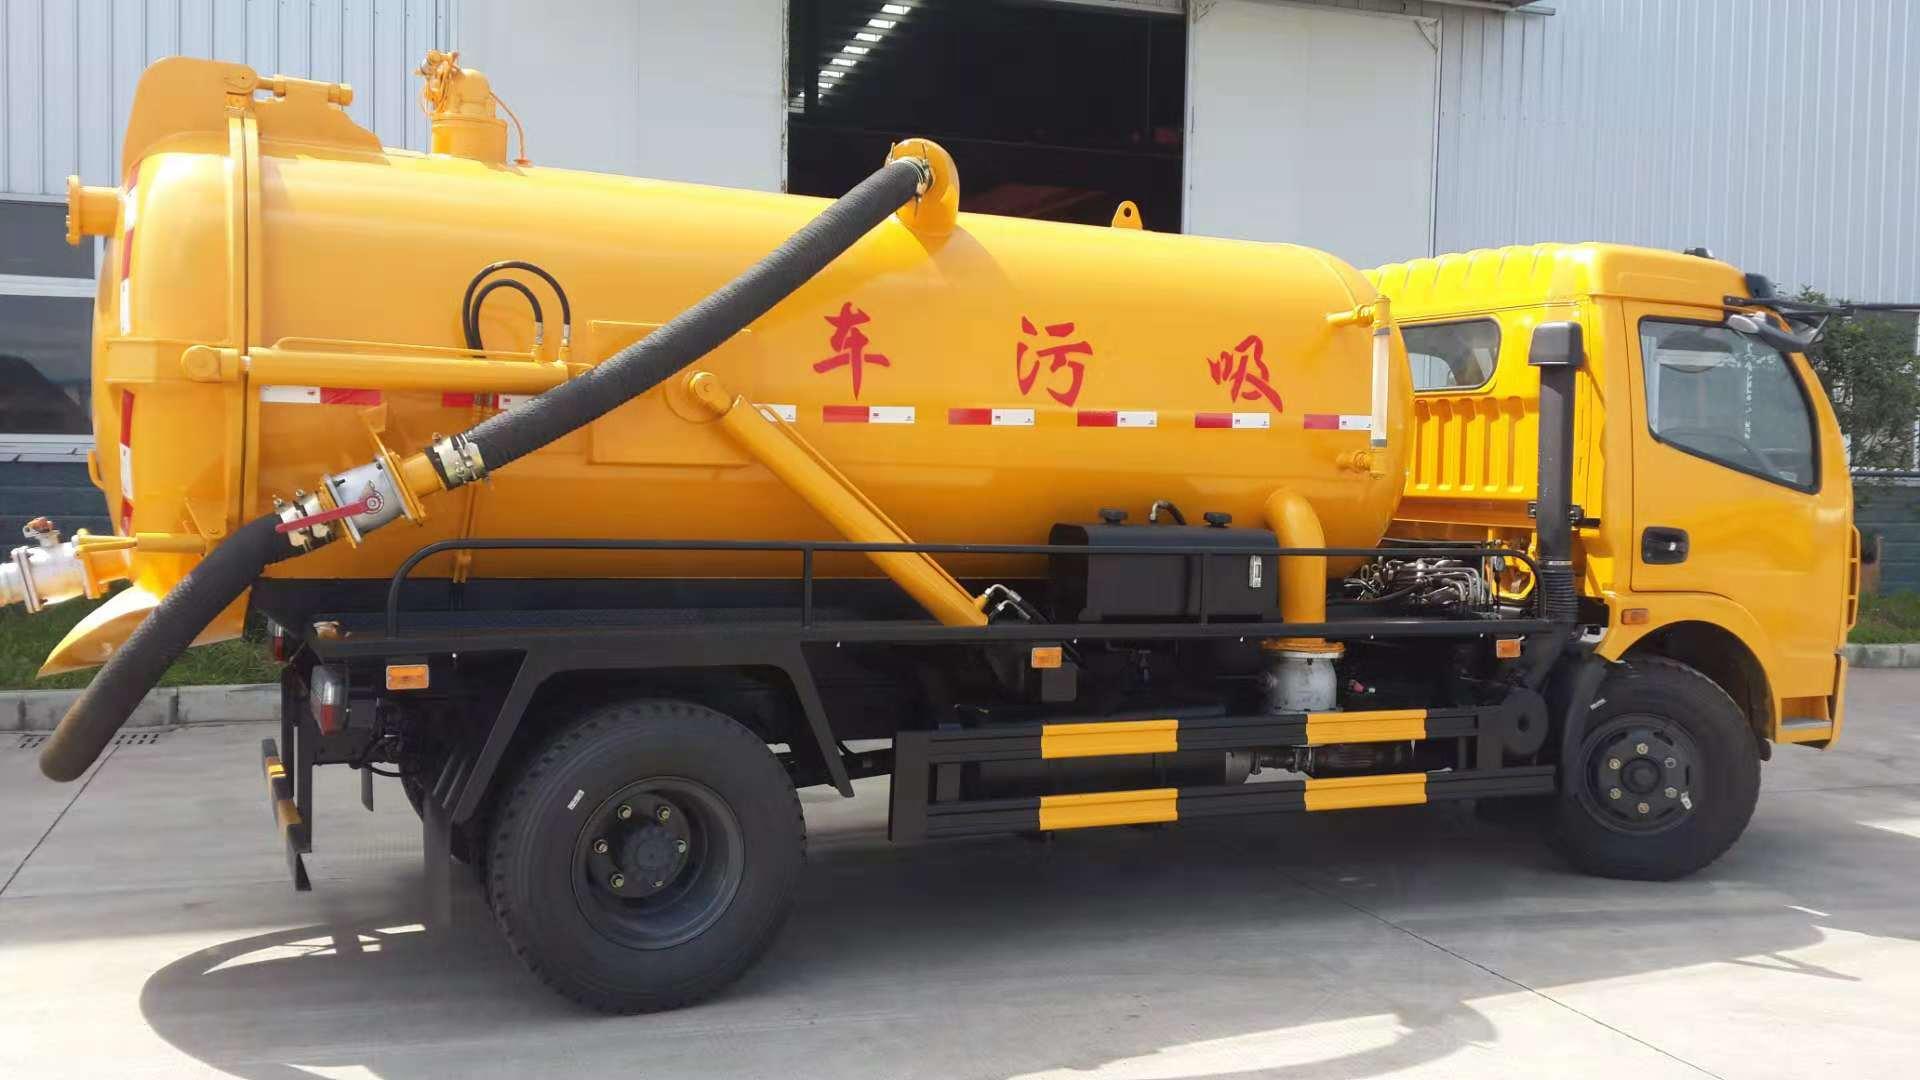 上海宝山CCTV检测管道抢修